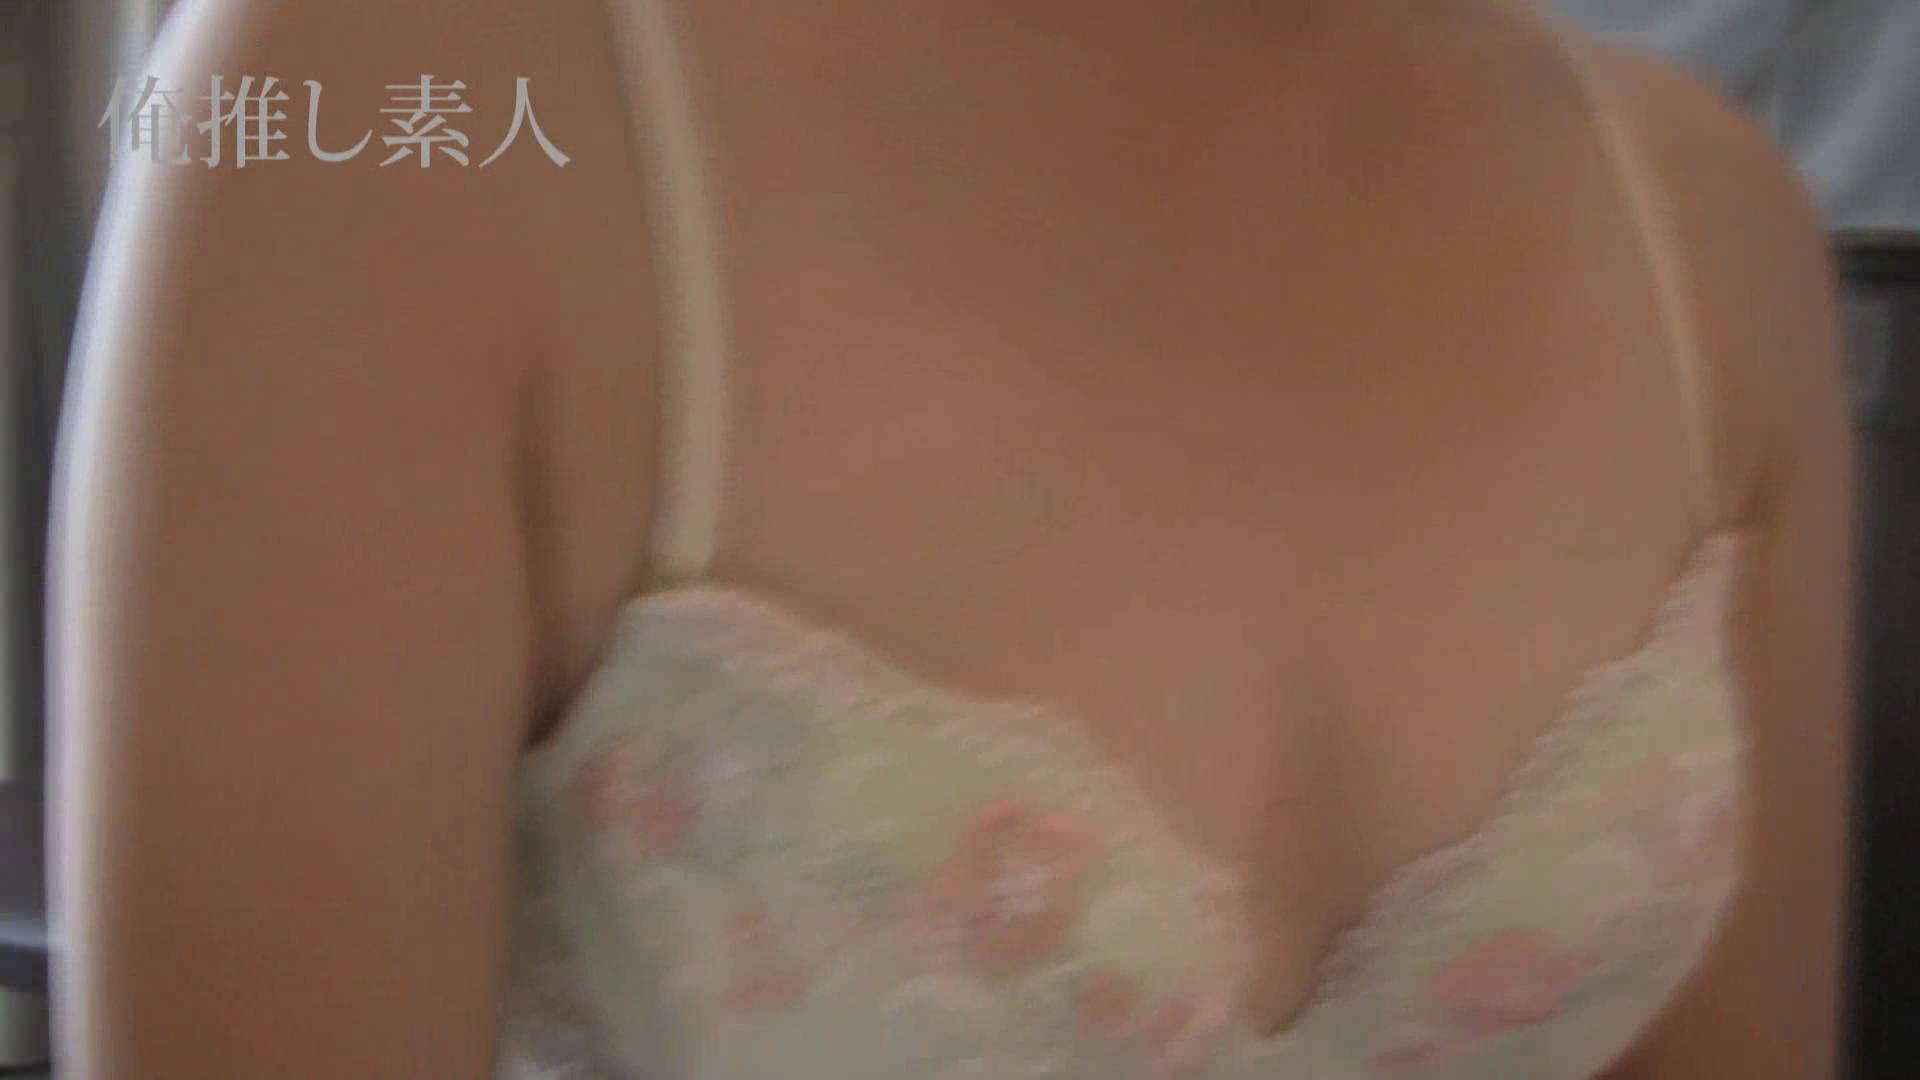 俺推し素人 キャバクラ嬢26歳久美vol5 素人 | フェラ  84pic 9